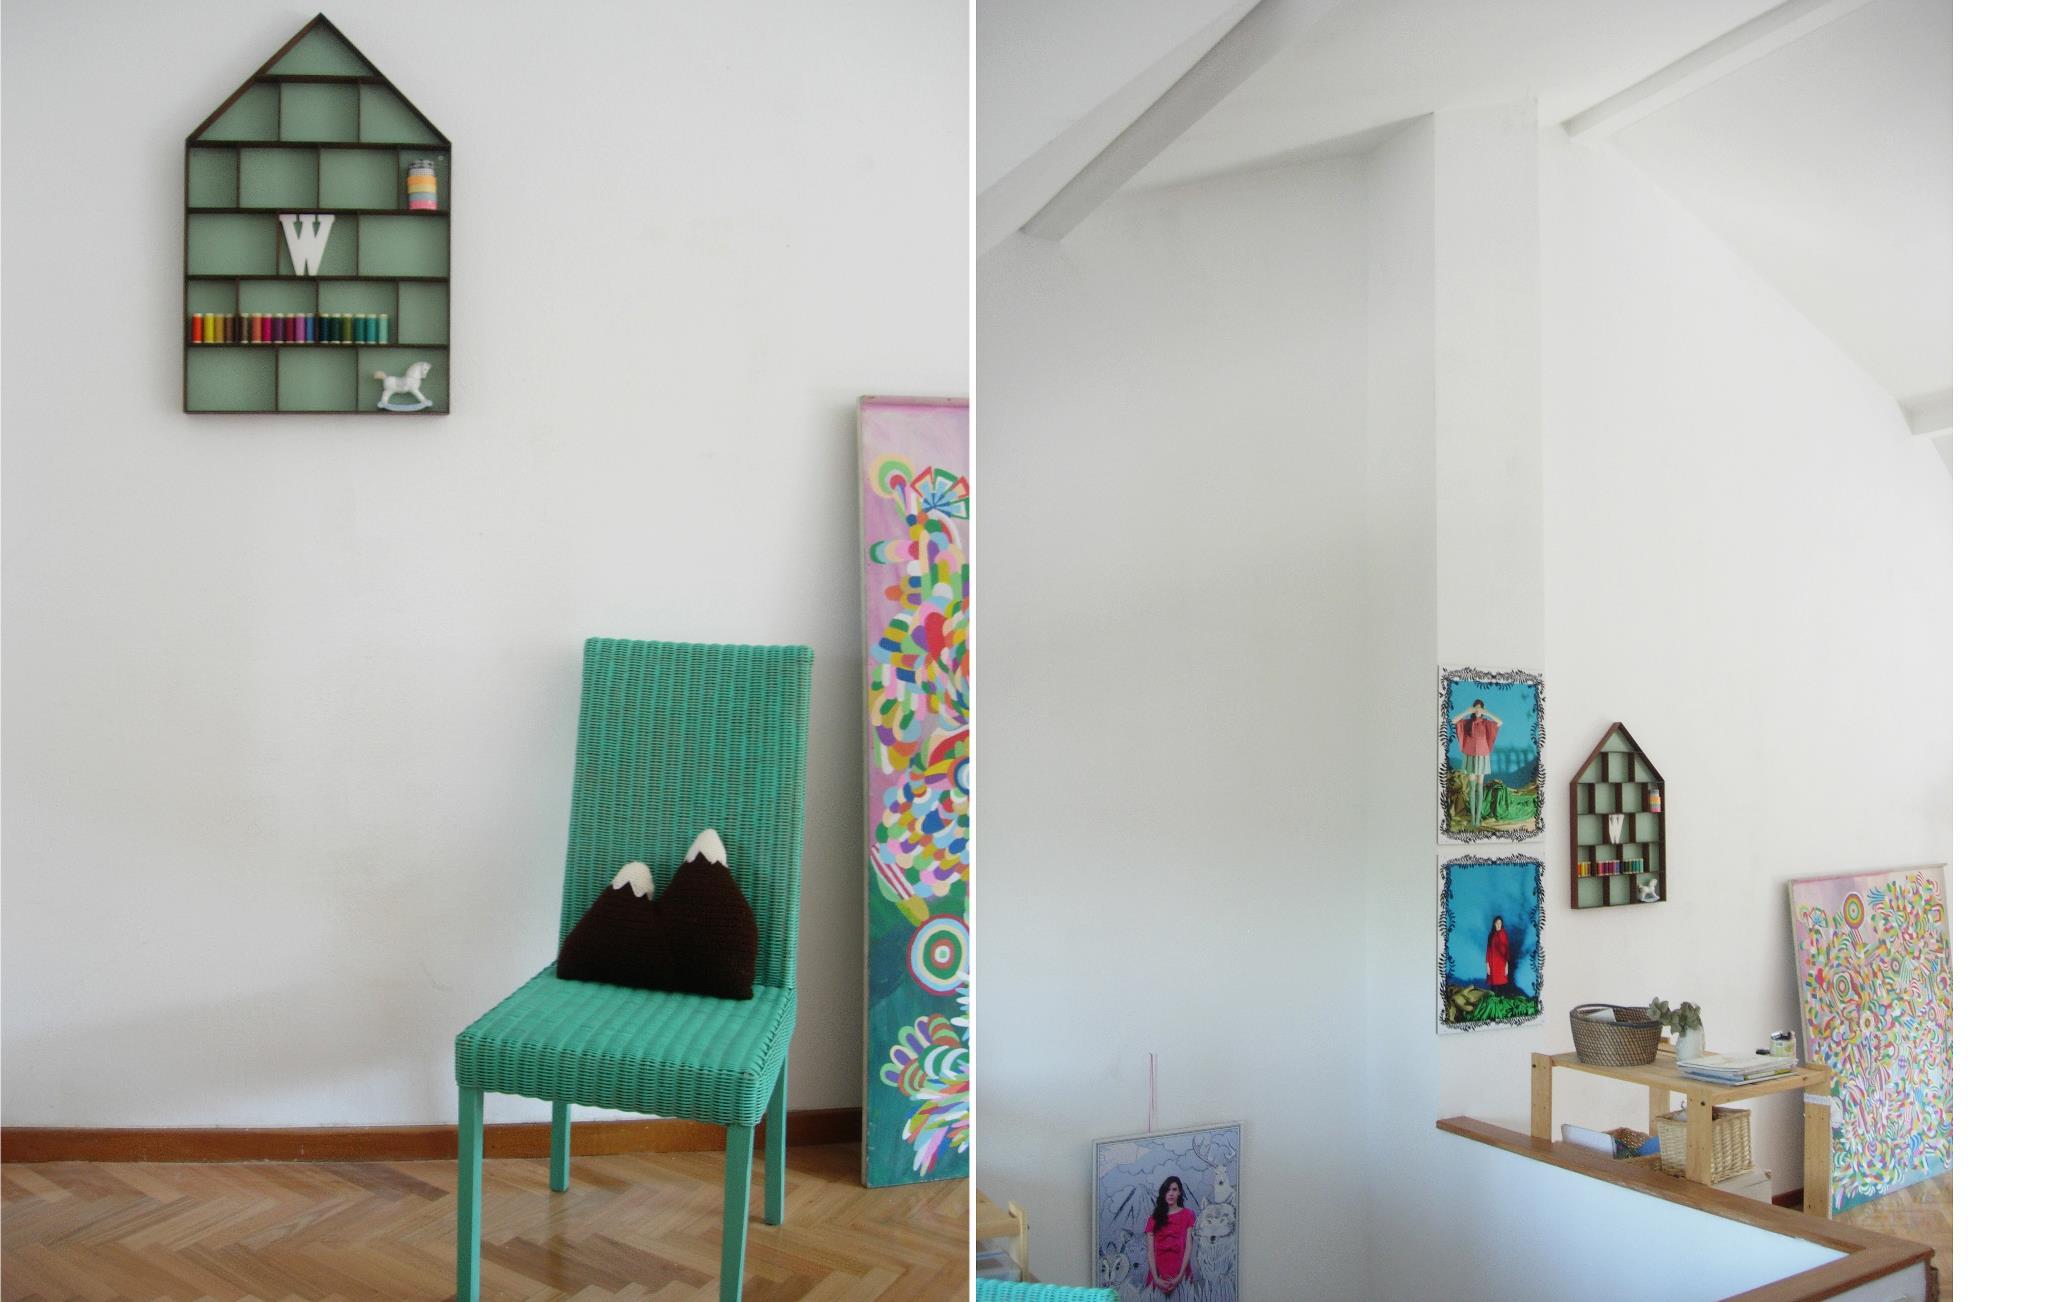 La casita de Wendy, colección accesorios 2012